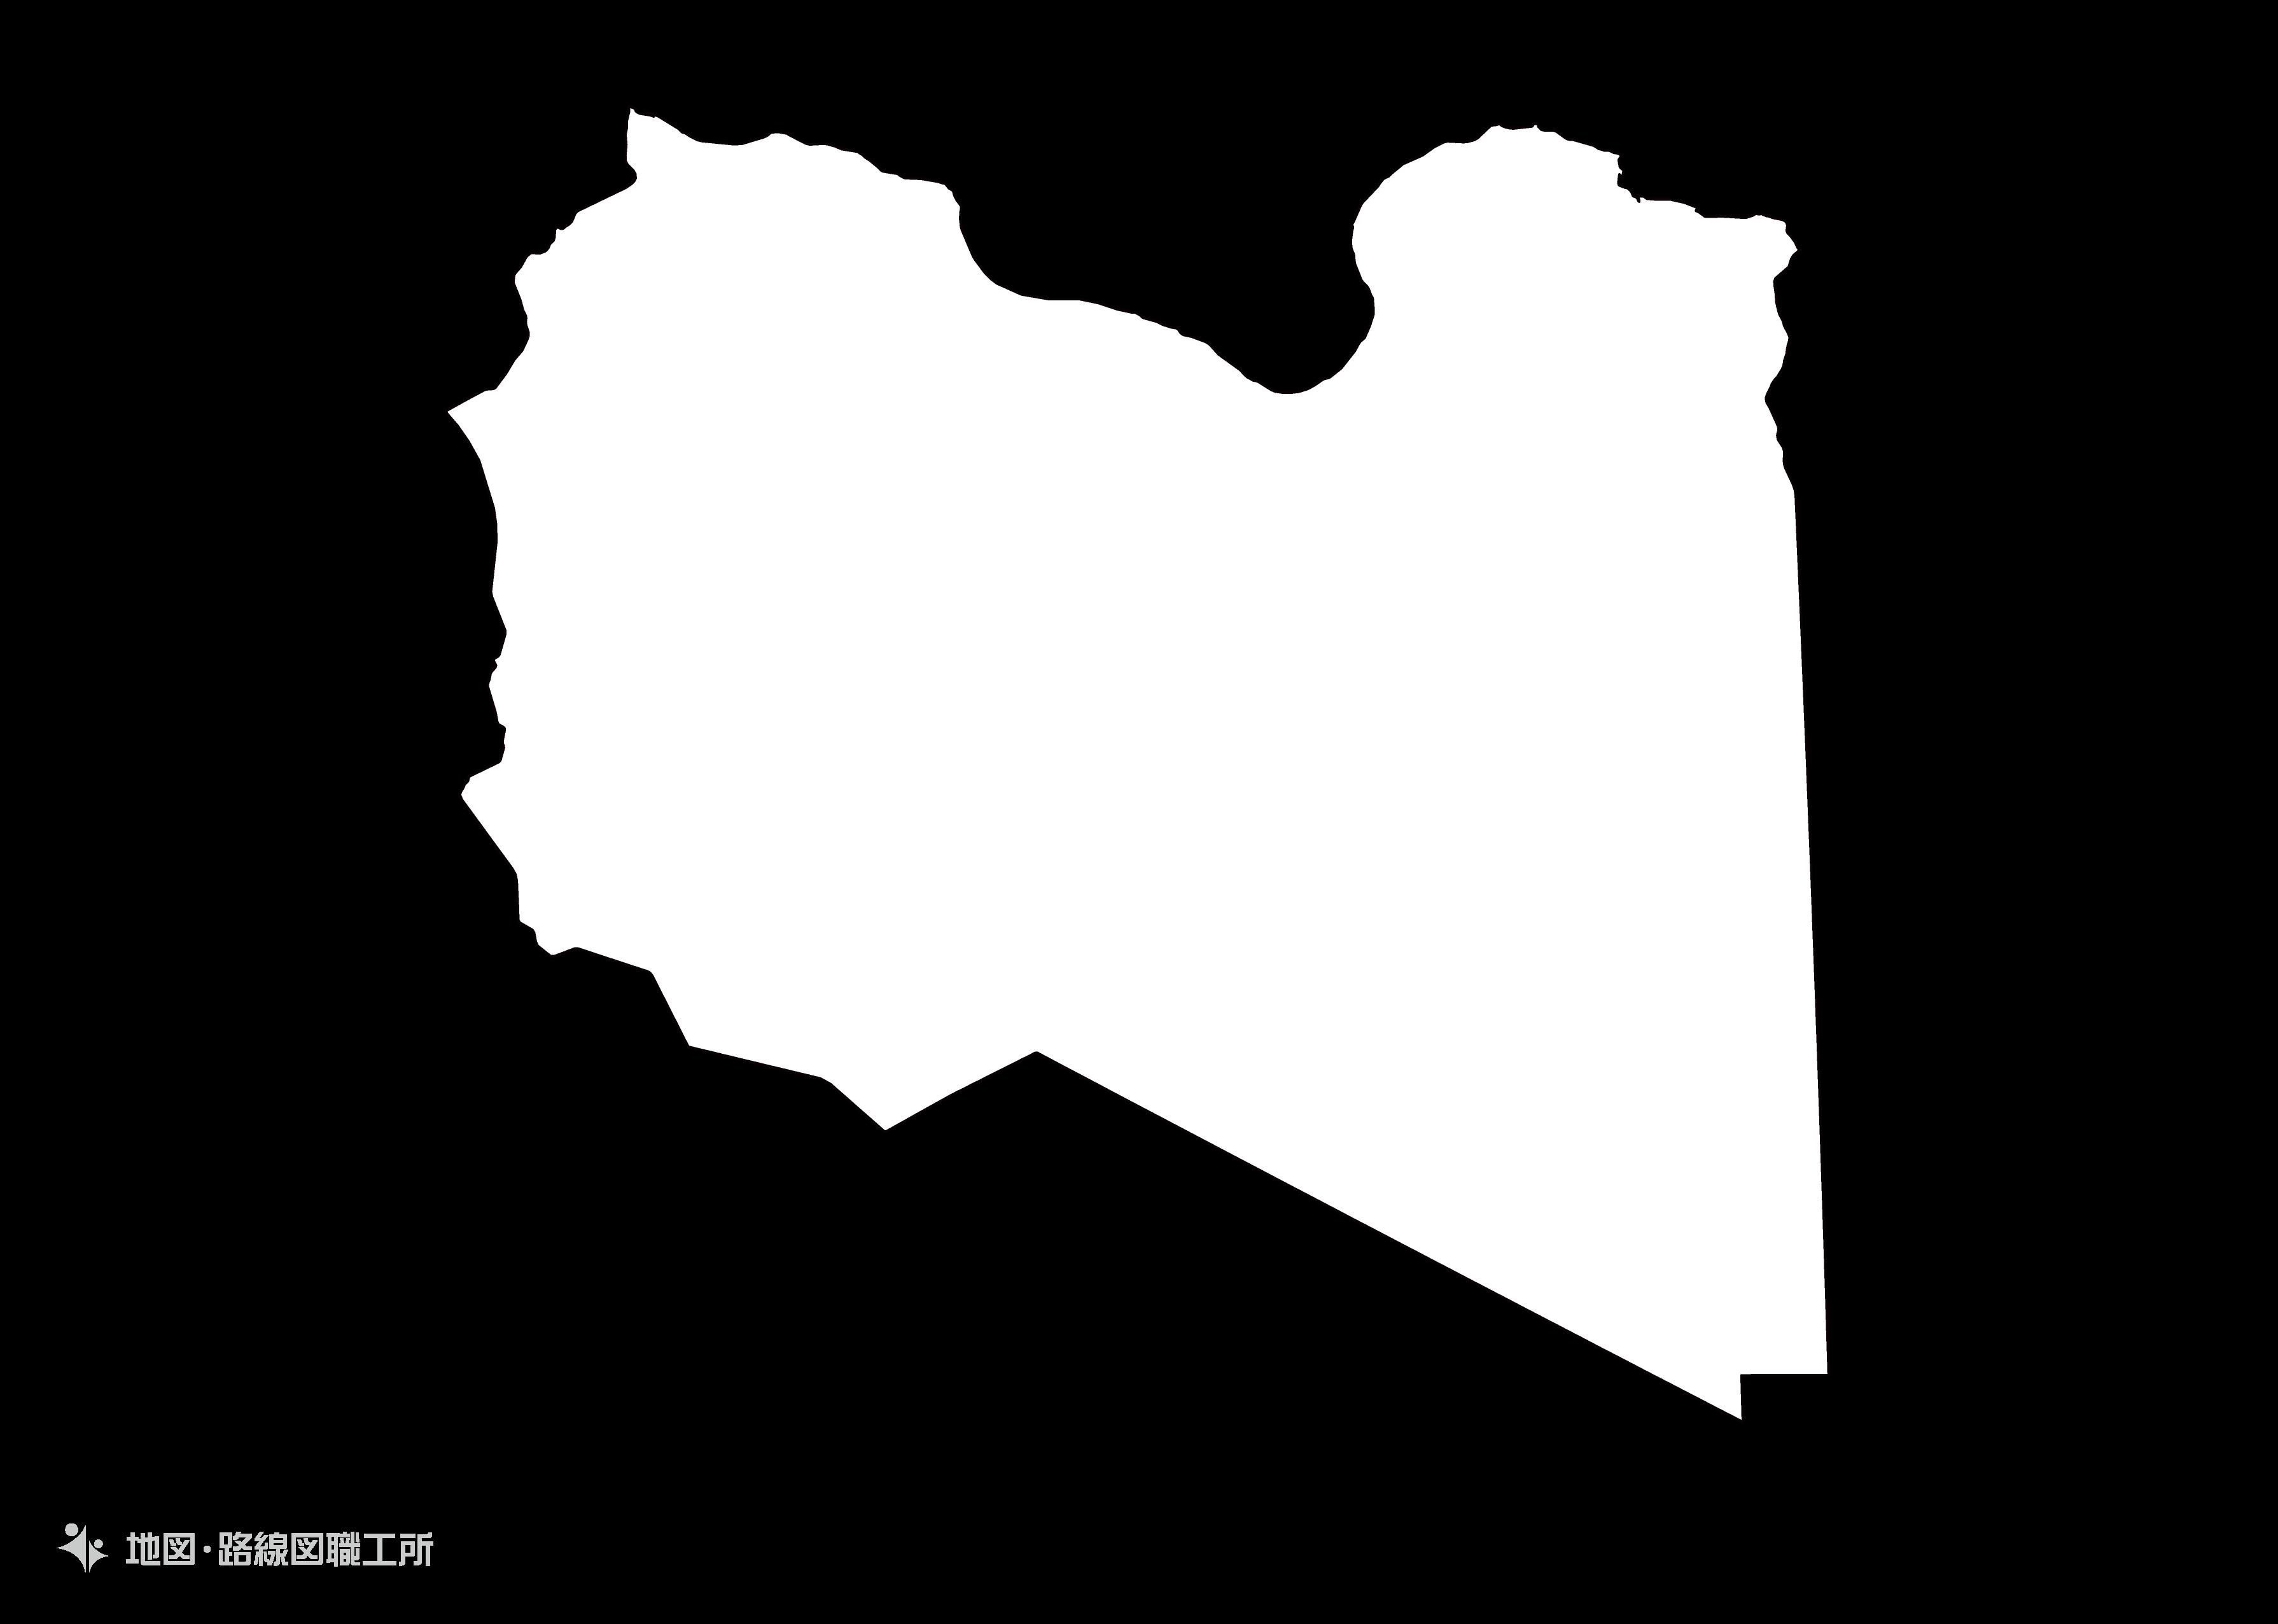 世界の白地図 リビア libya map